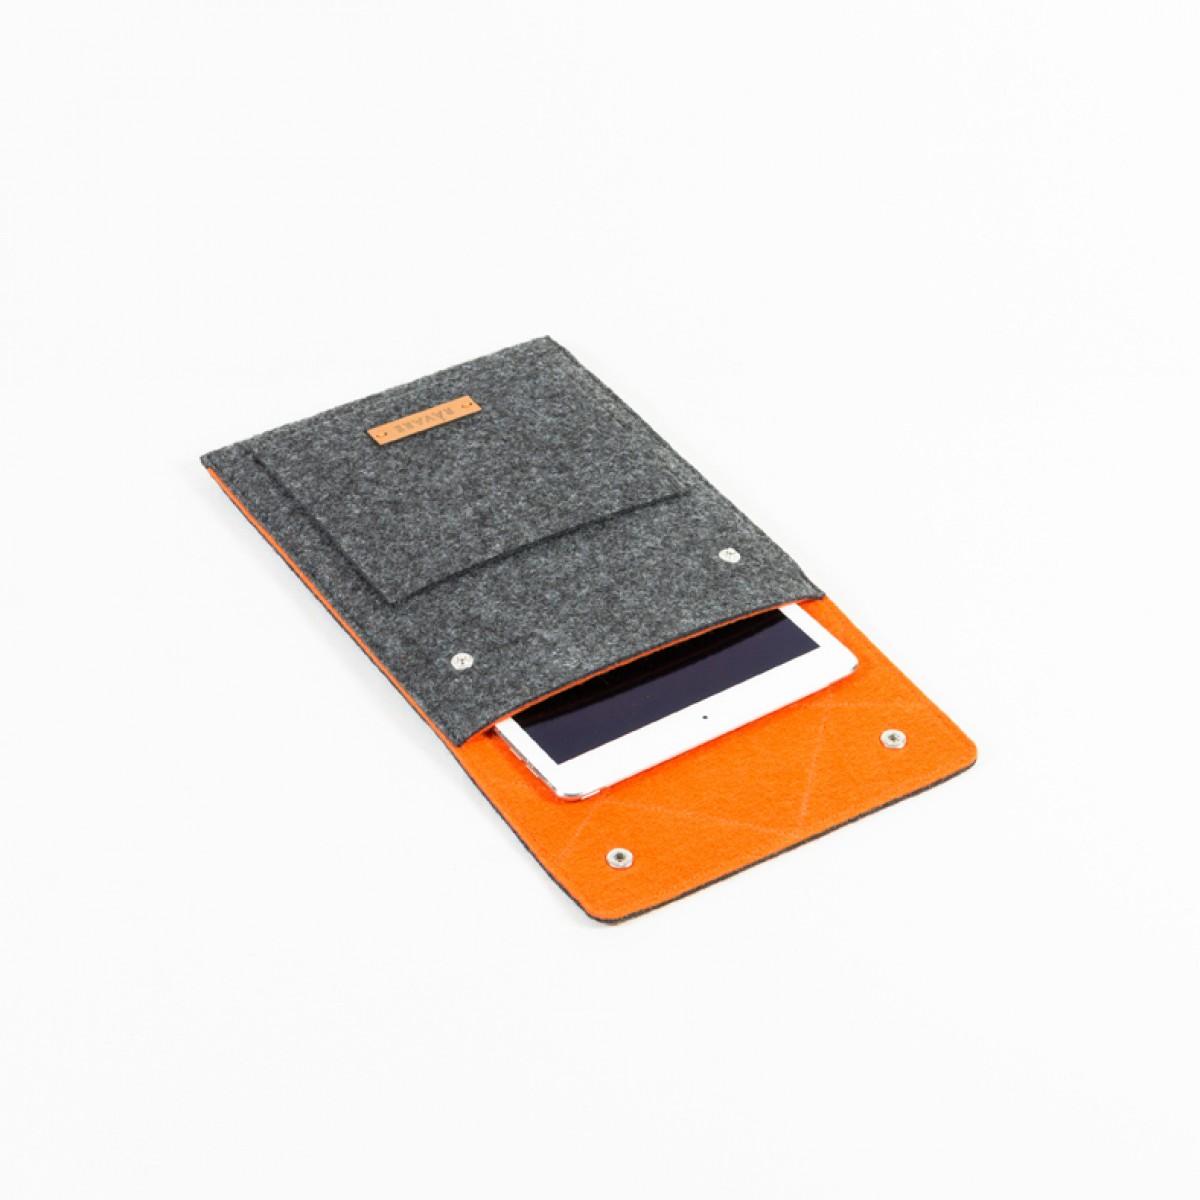 RÅVARE Tablet Sleeve Case Hülle mit Druckknöpfen für verschiedene Modelle in Größe S und in verschiedenen Farben [ENNO S]